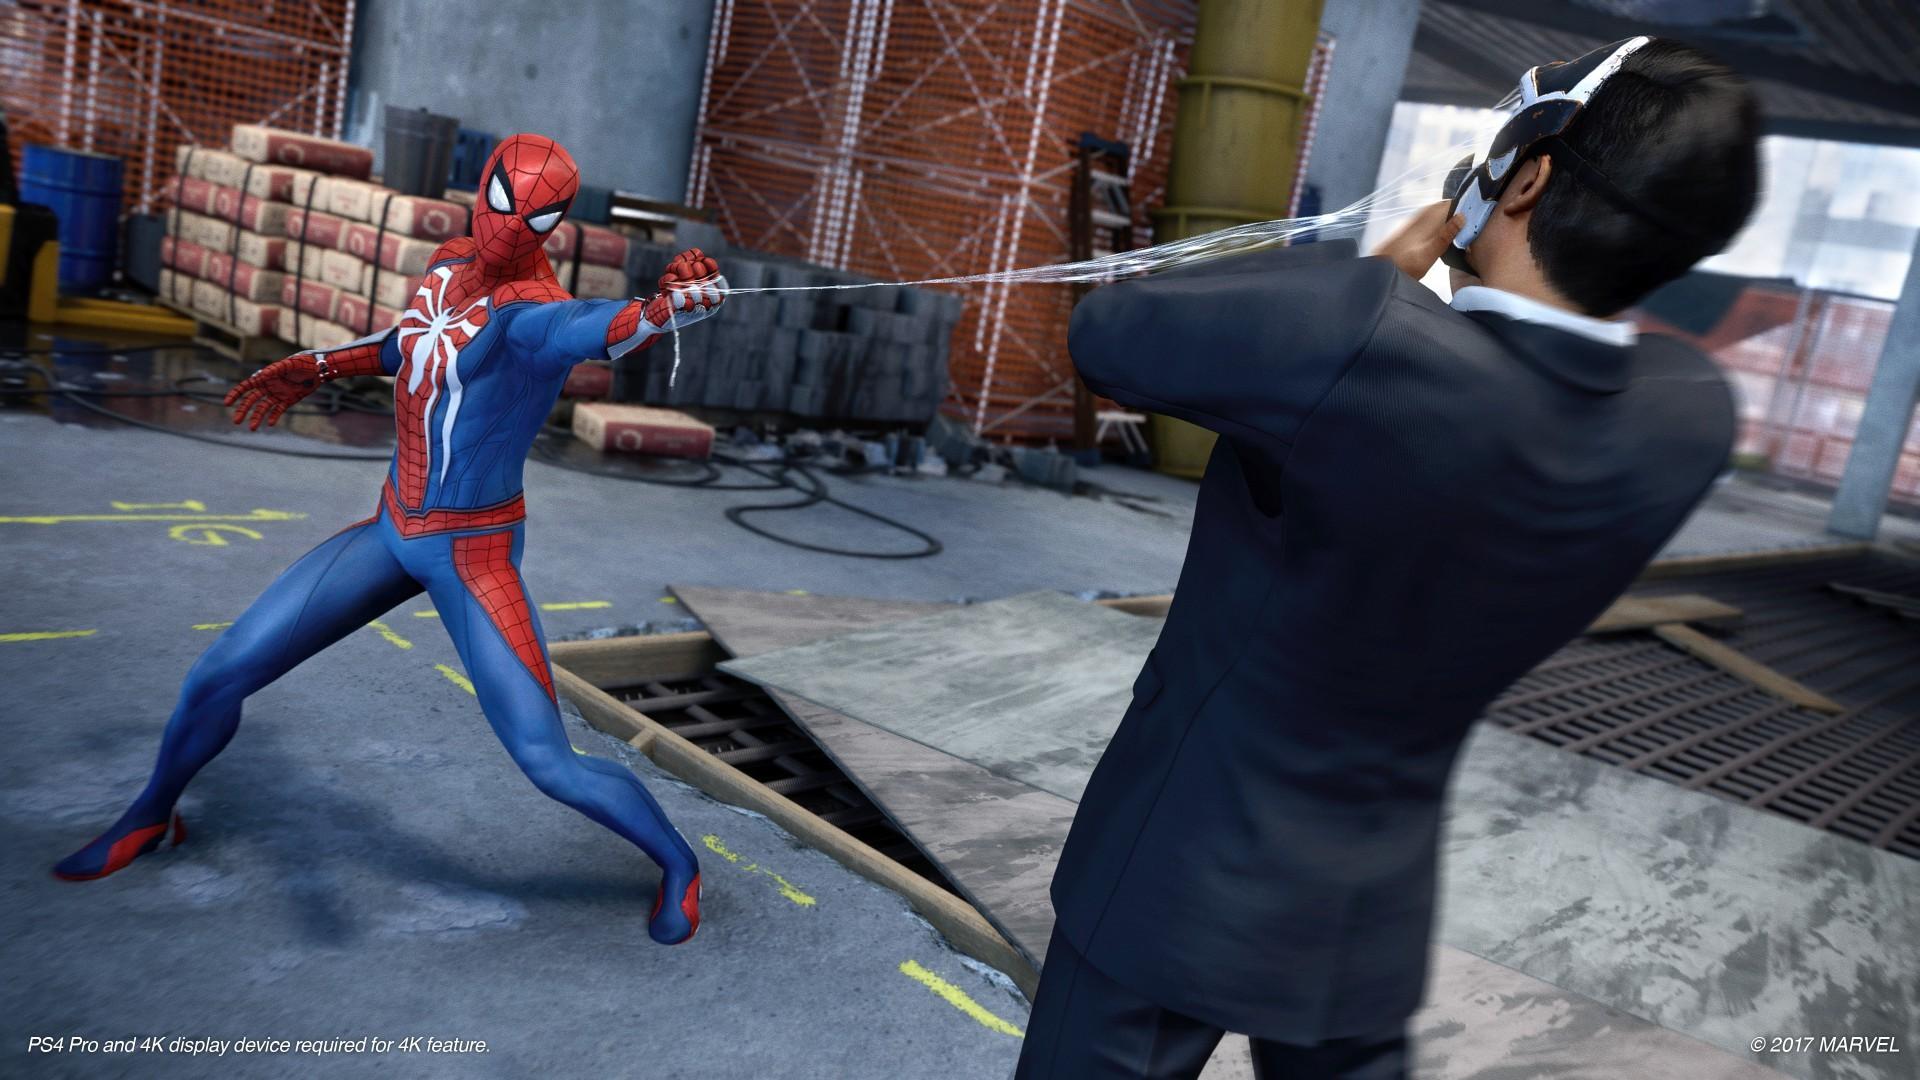 官方否认PS4《蜘蛛侠》缩水:降质不存在的